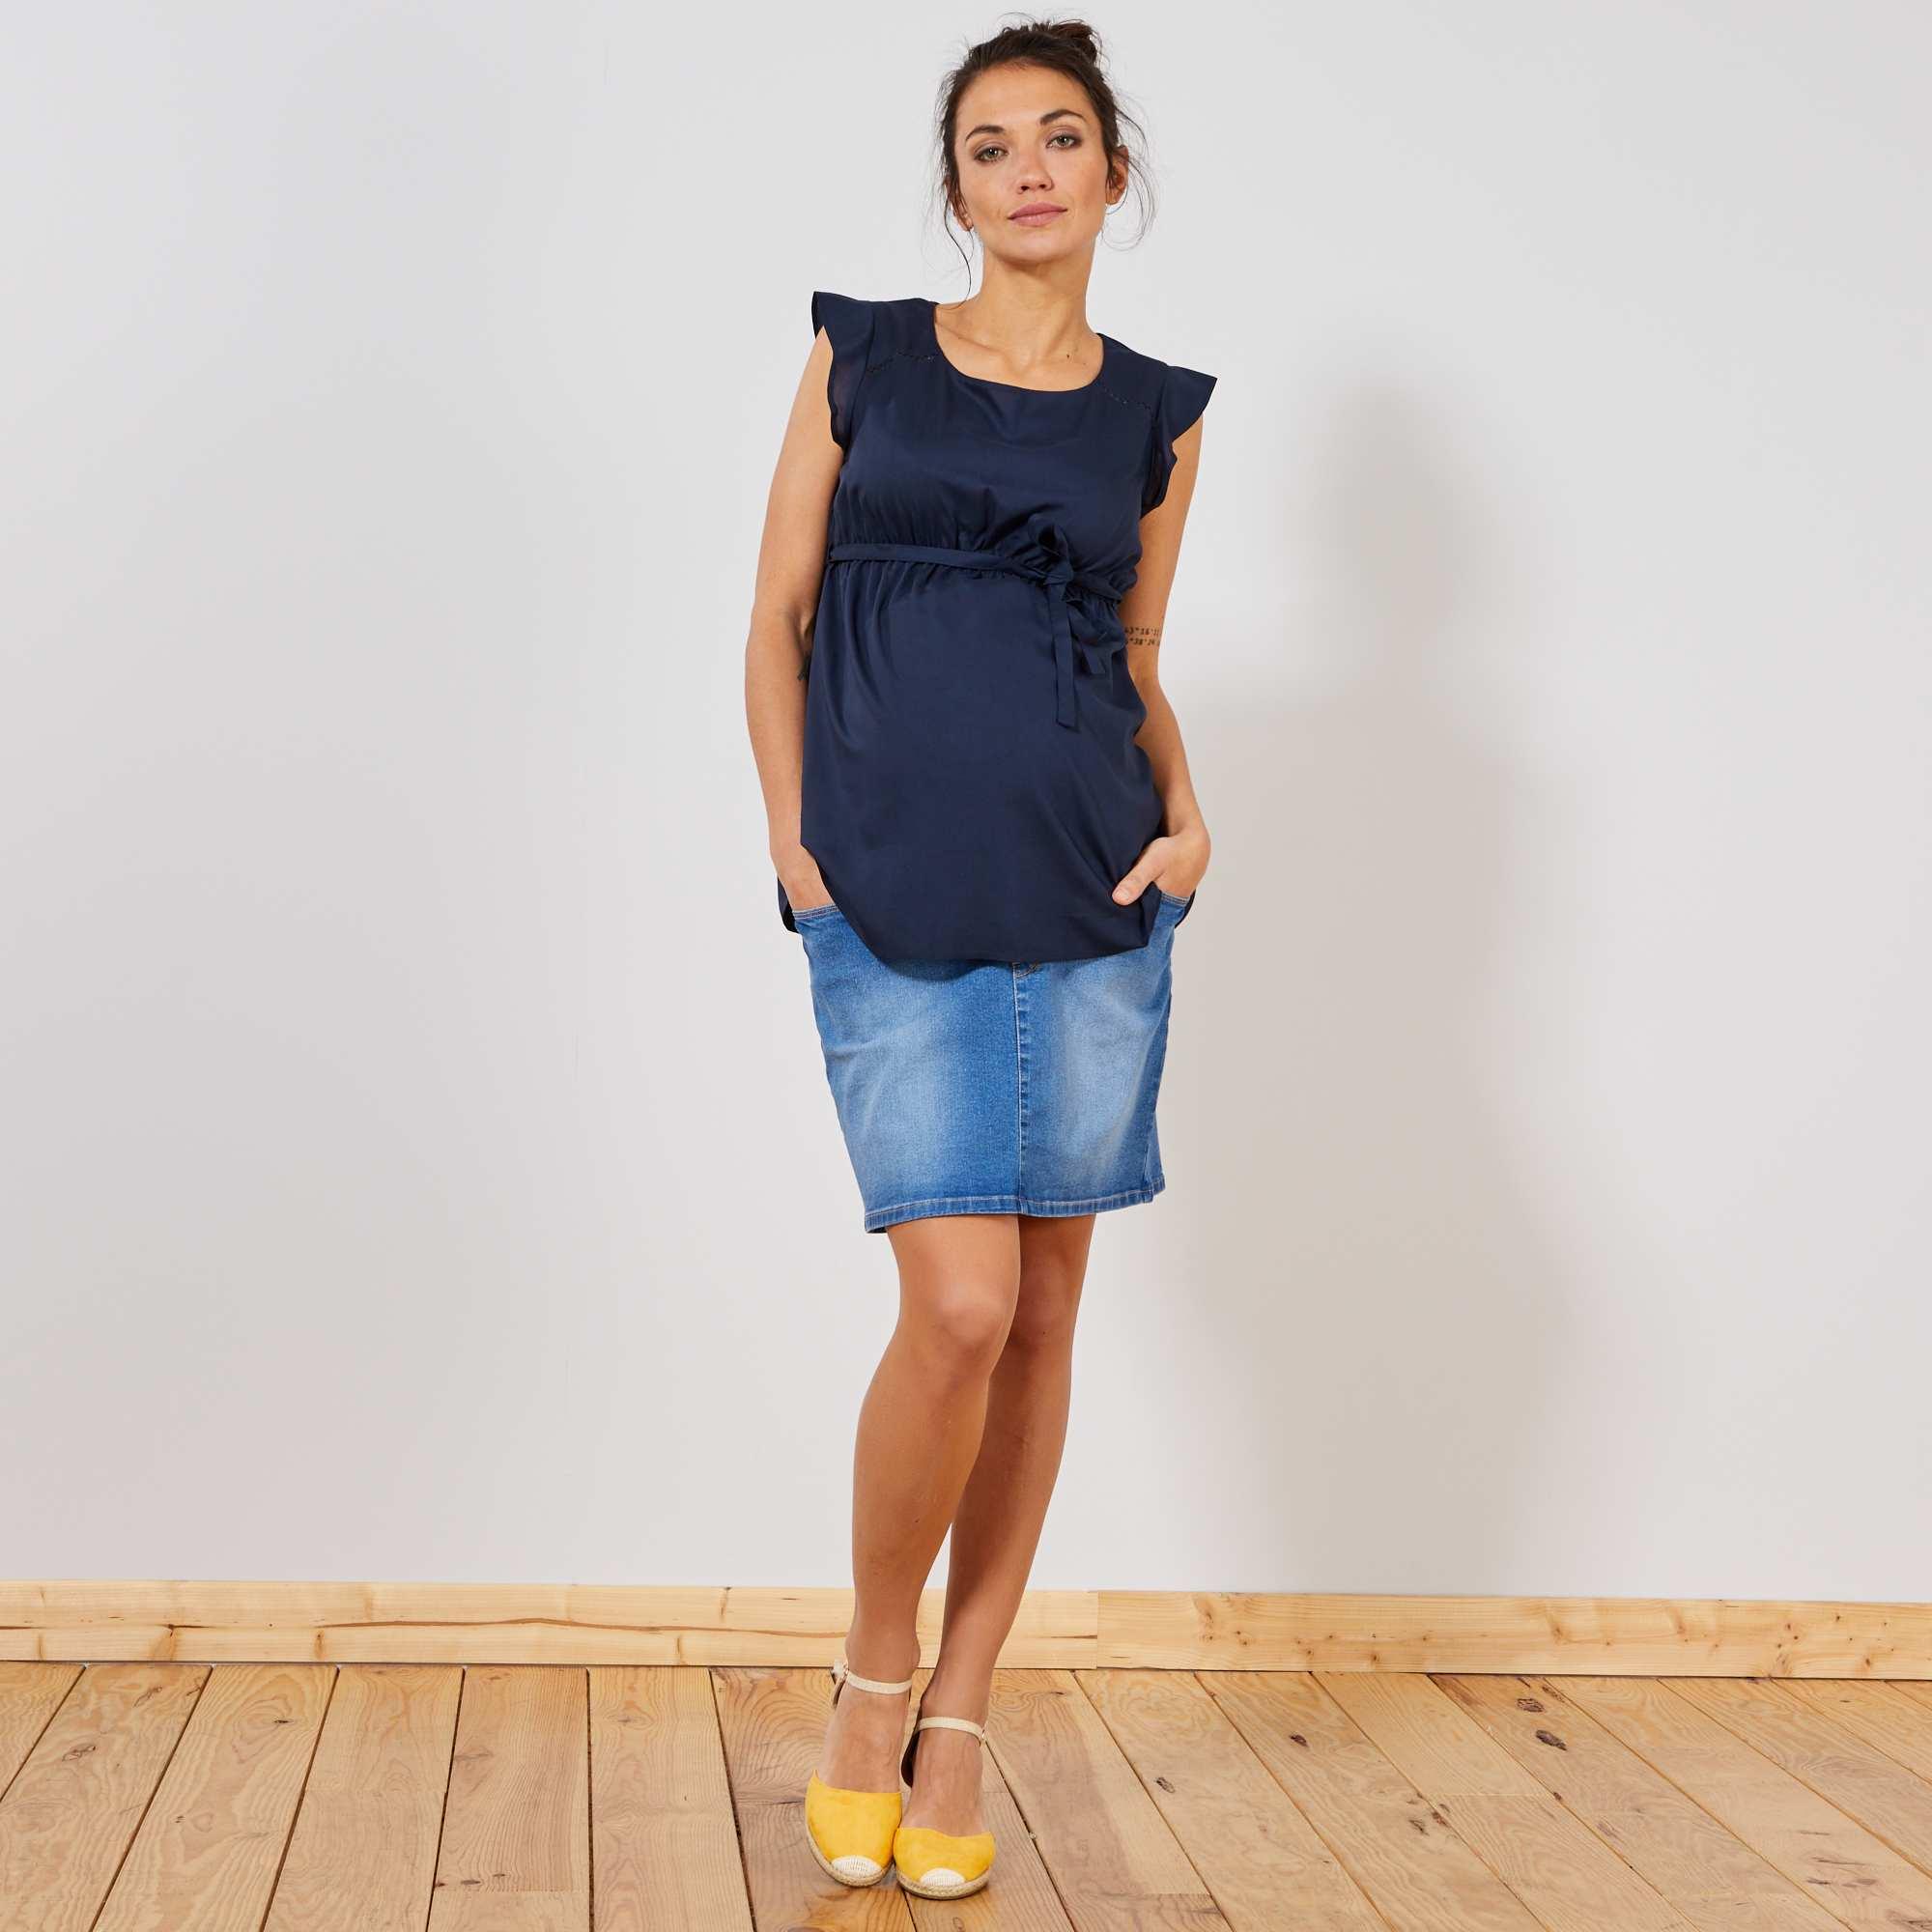 adf726de5 Saia de grávida de ganga Futura mamã - AZUL - Kiabi - 19